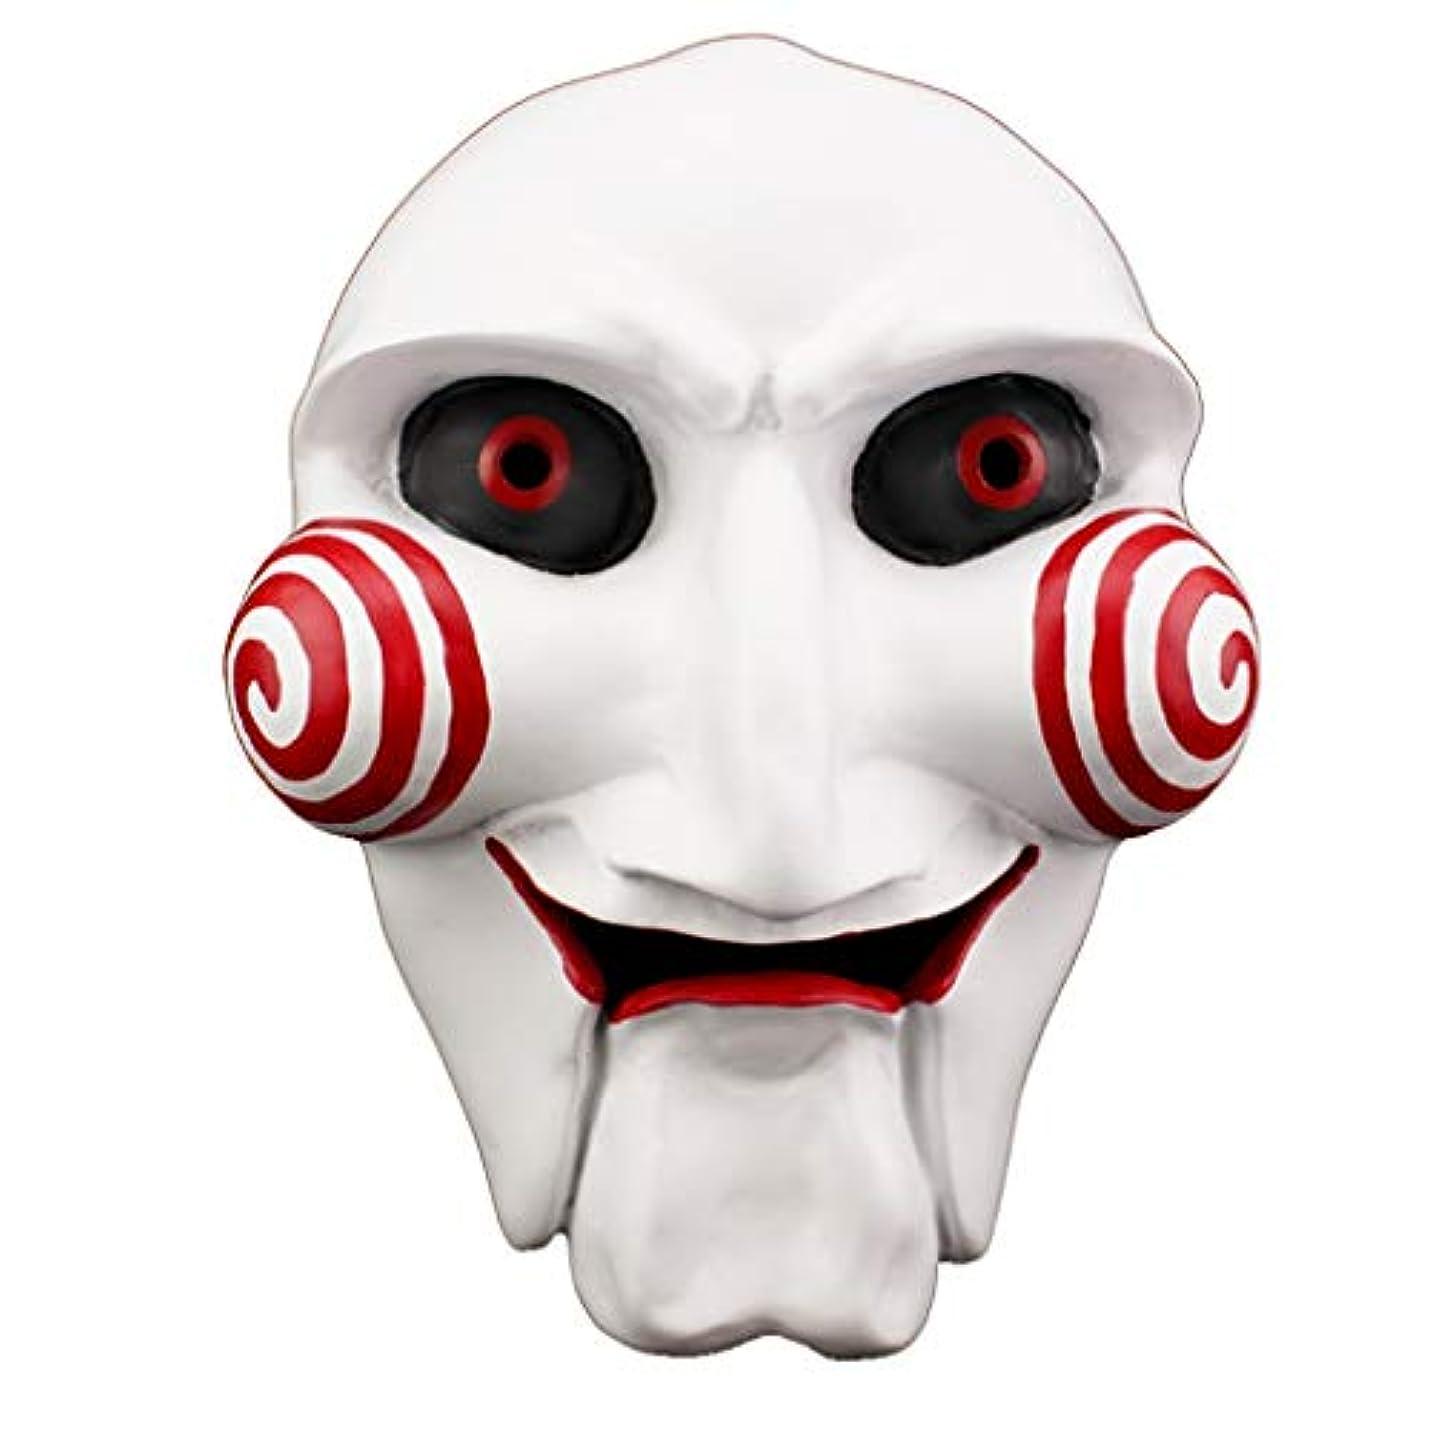 睡眠委託弁護人ハロウィンホラーマスクダンスパーティーメンズキラーデビルメイク樹脂マスク